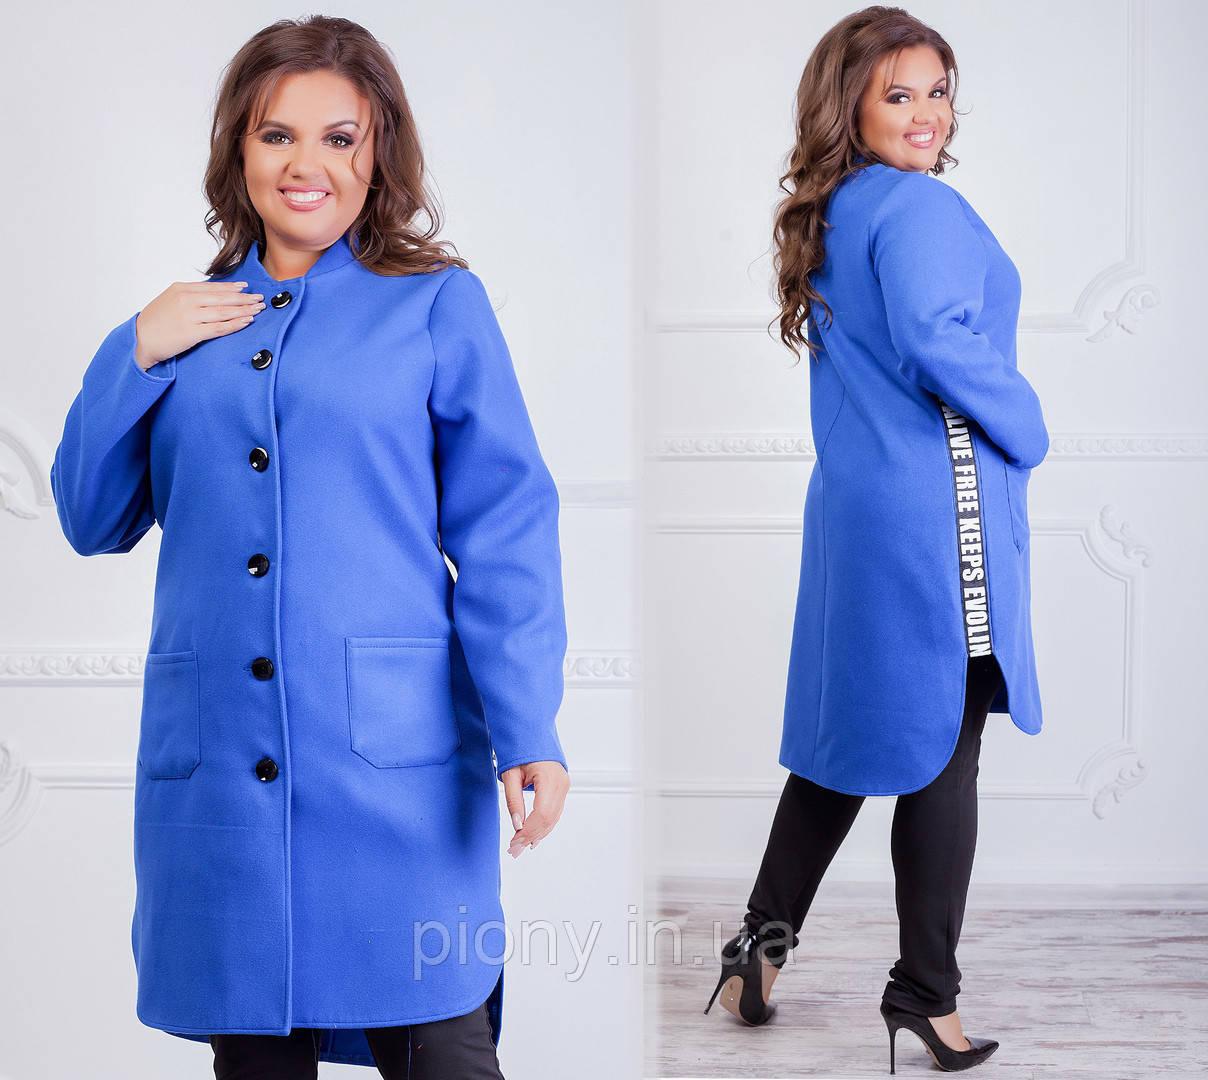 5c53a9ca52d0 Женское Пальто удлиненное сзади  продажа, цена в Одессе. пальто ...